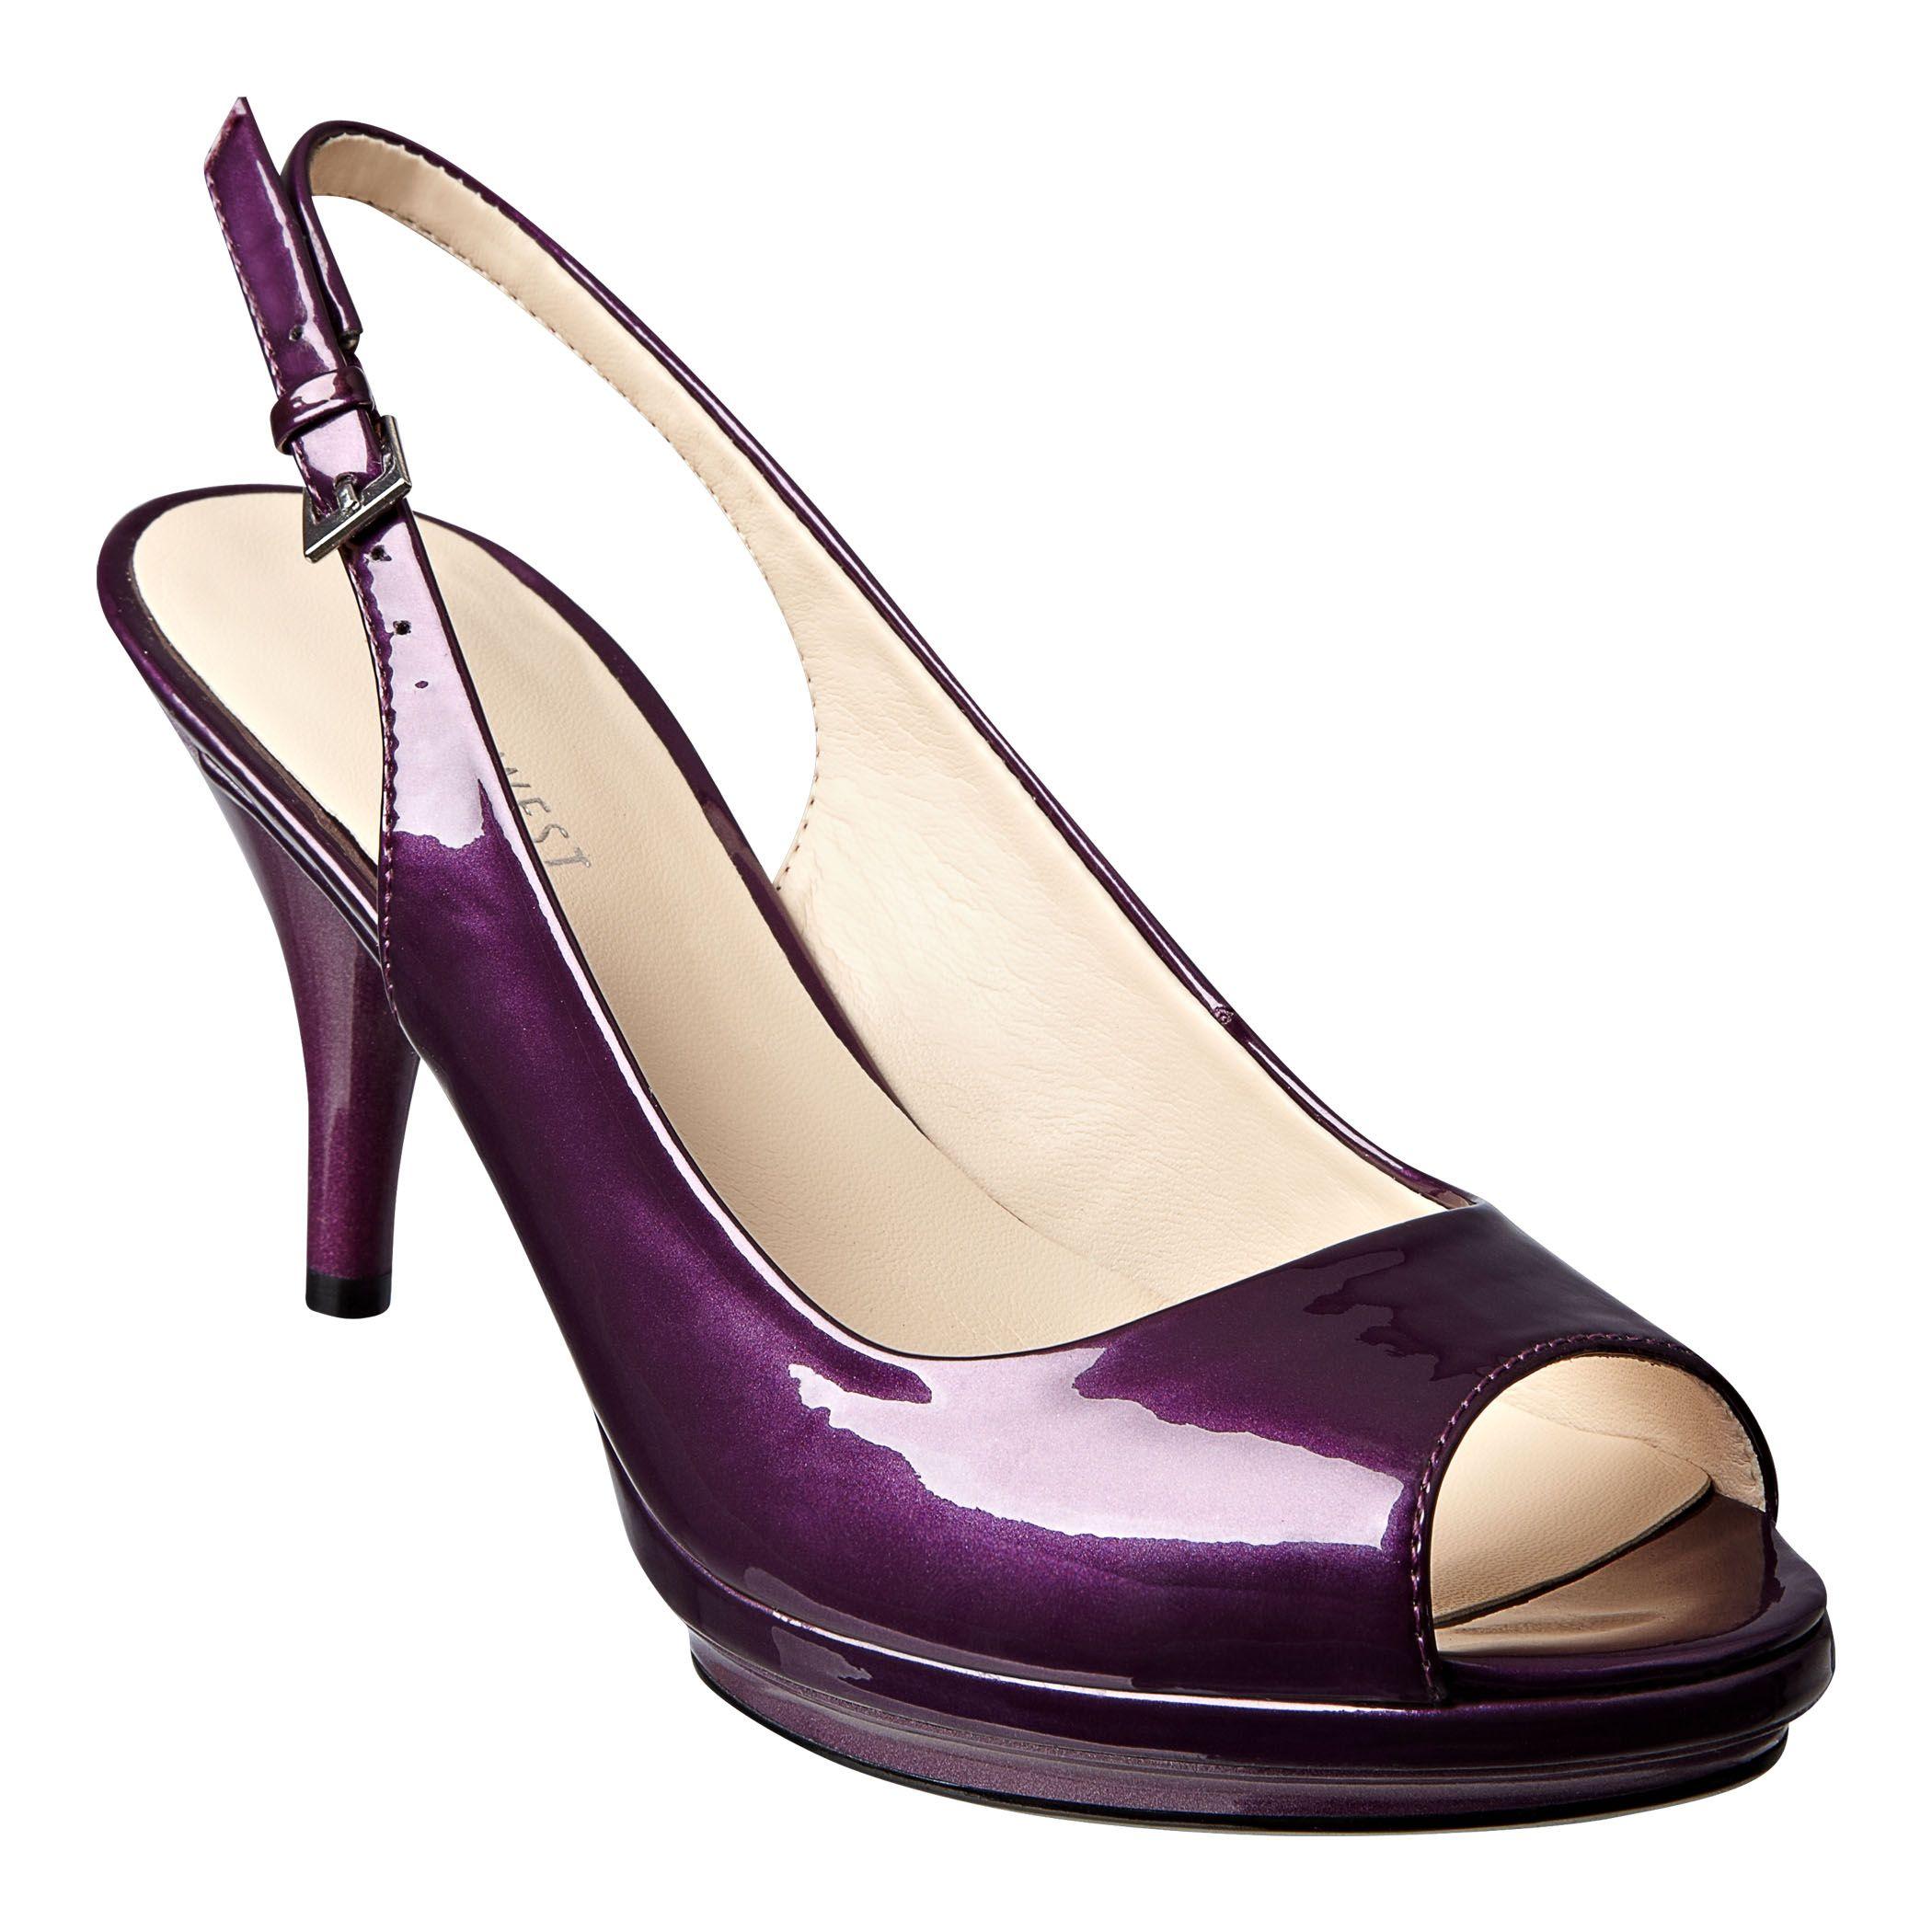 c4db54805ed Nine West  Shoes   All Pumps   Sharina - mid-heel peep toe slingback ...